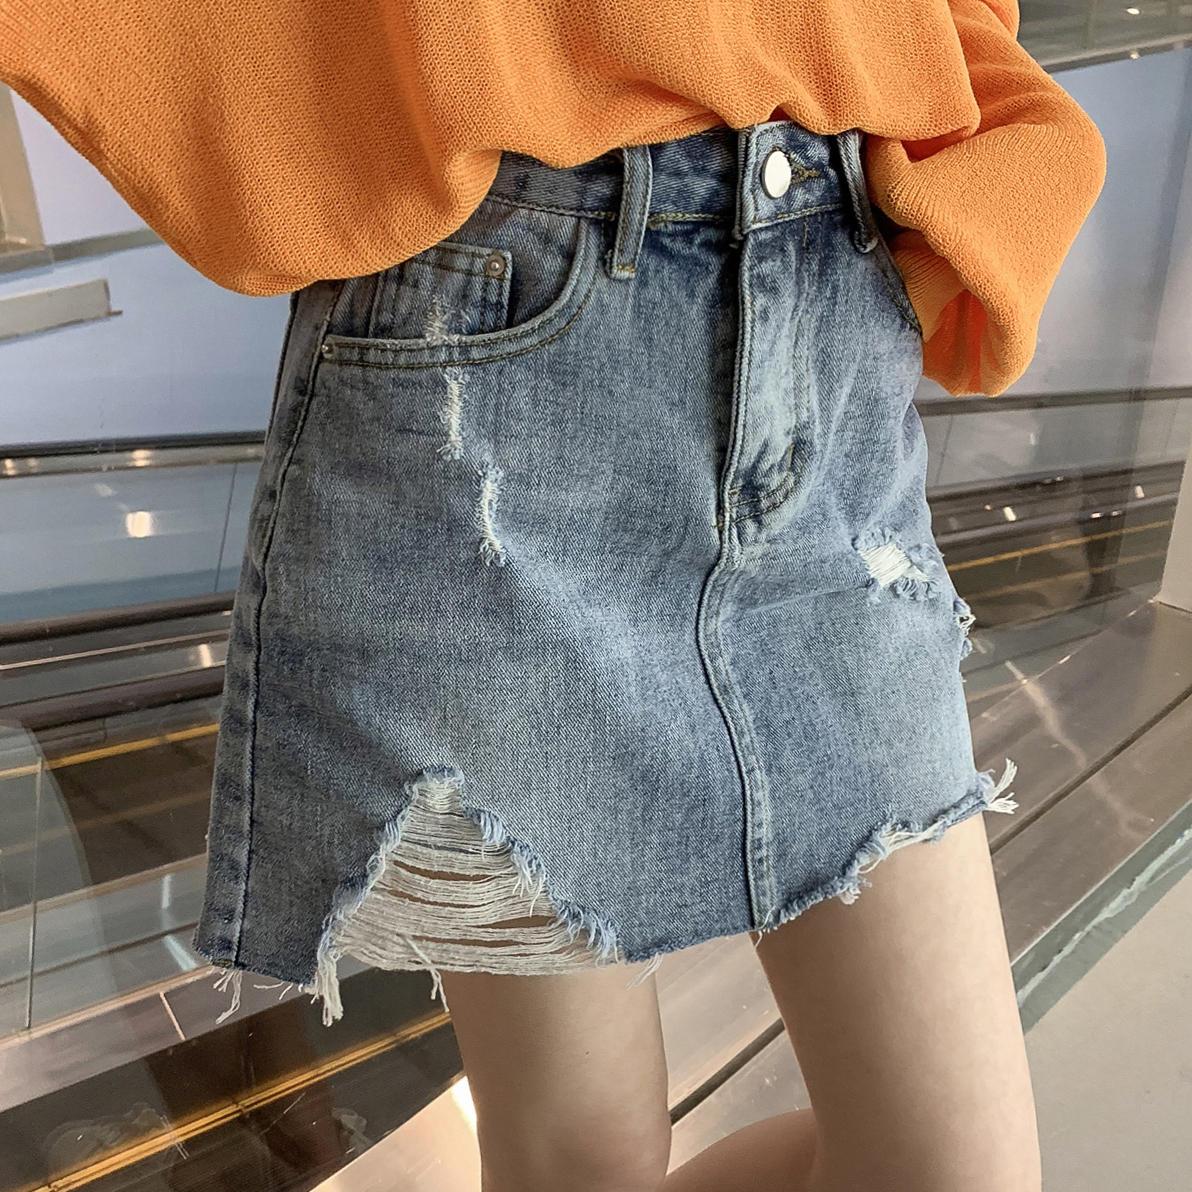 春季2019新款韩版高腰破洞牛仔半身裙短裙女chic...¥79.9